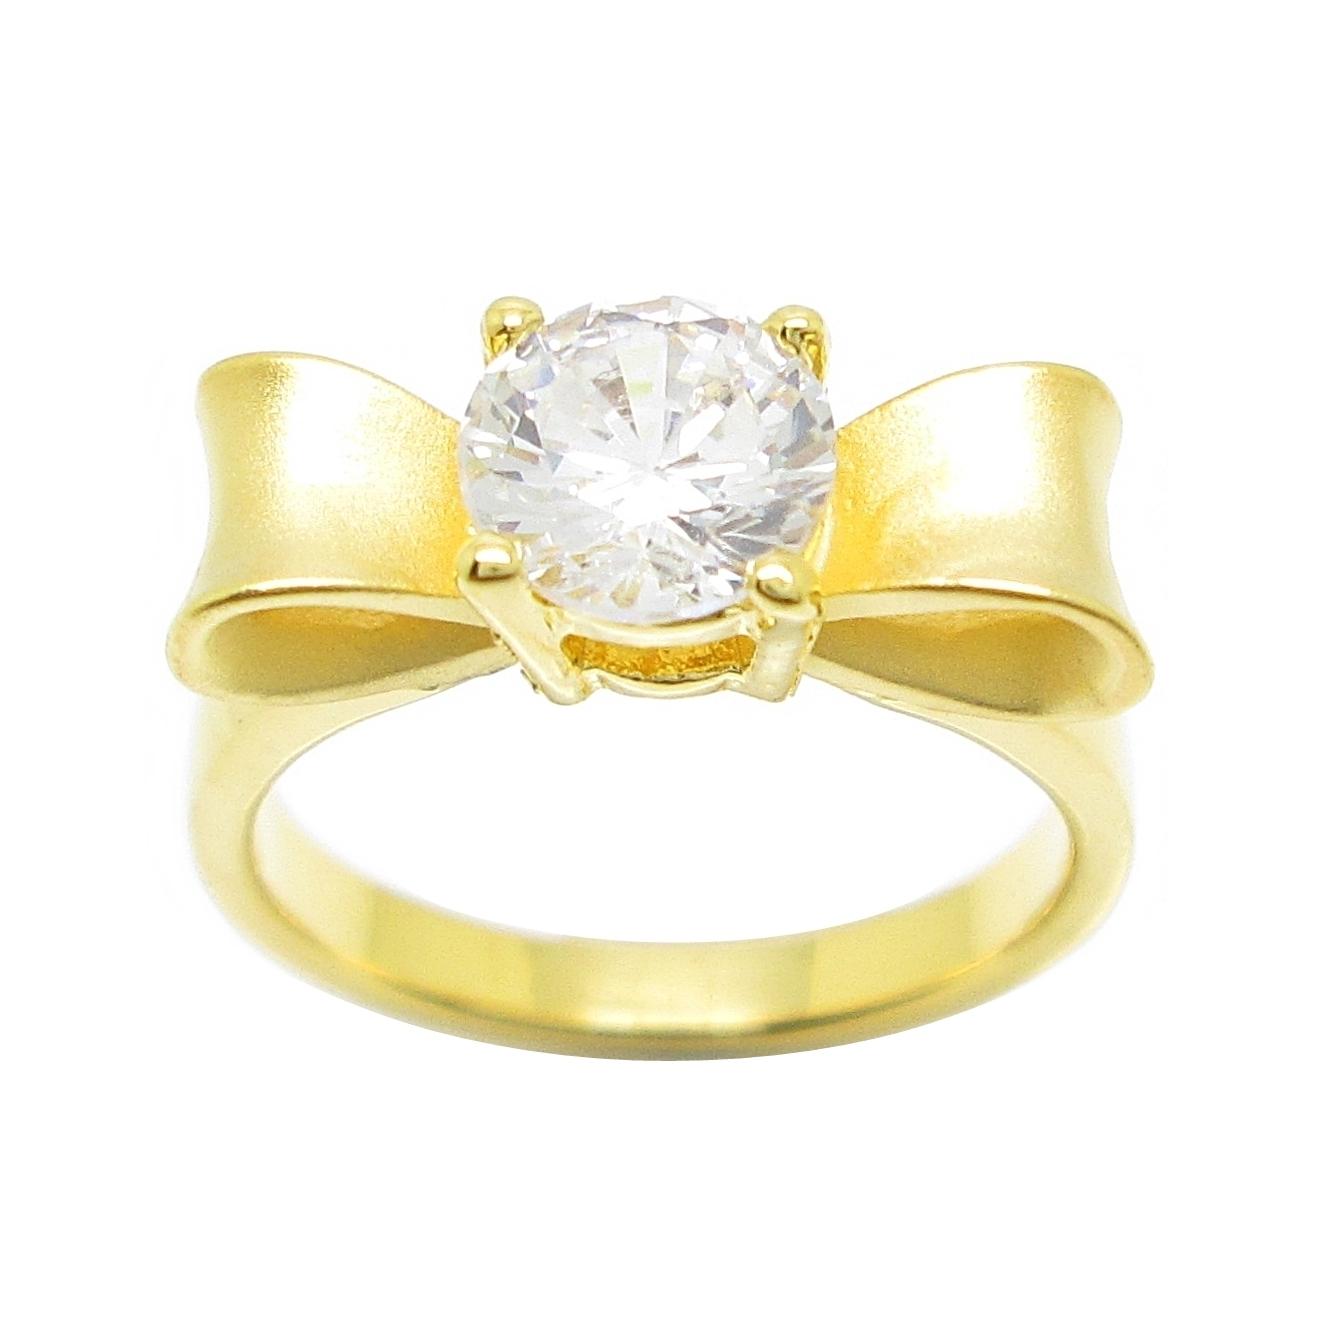 แหวนโบว์พ่นทรายประดับเพชรกะรัตชุบทอง